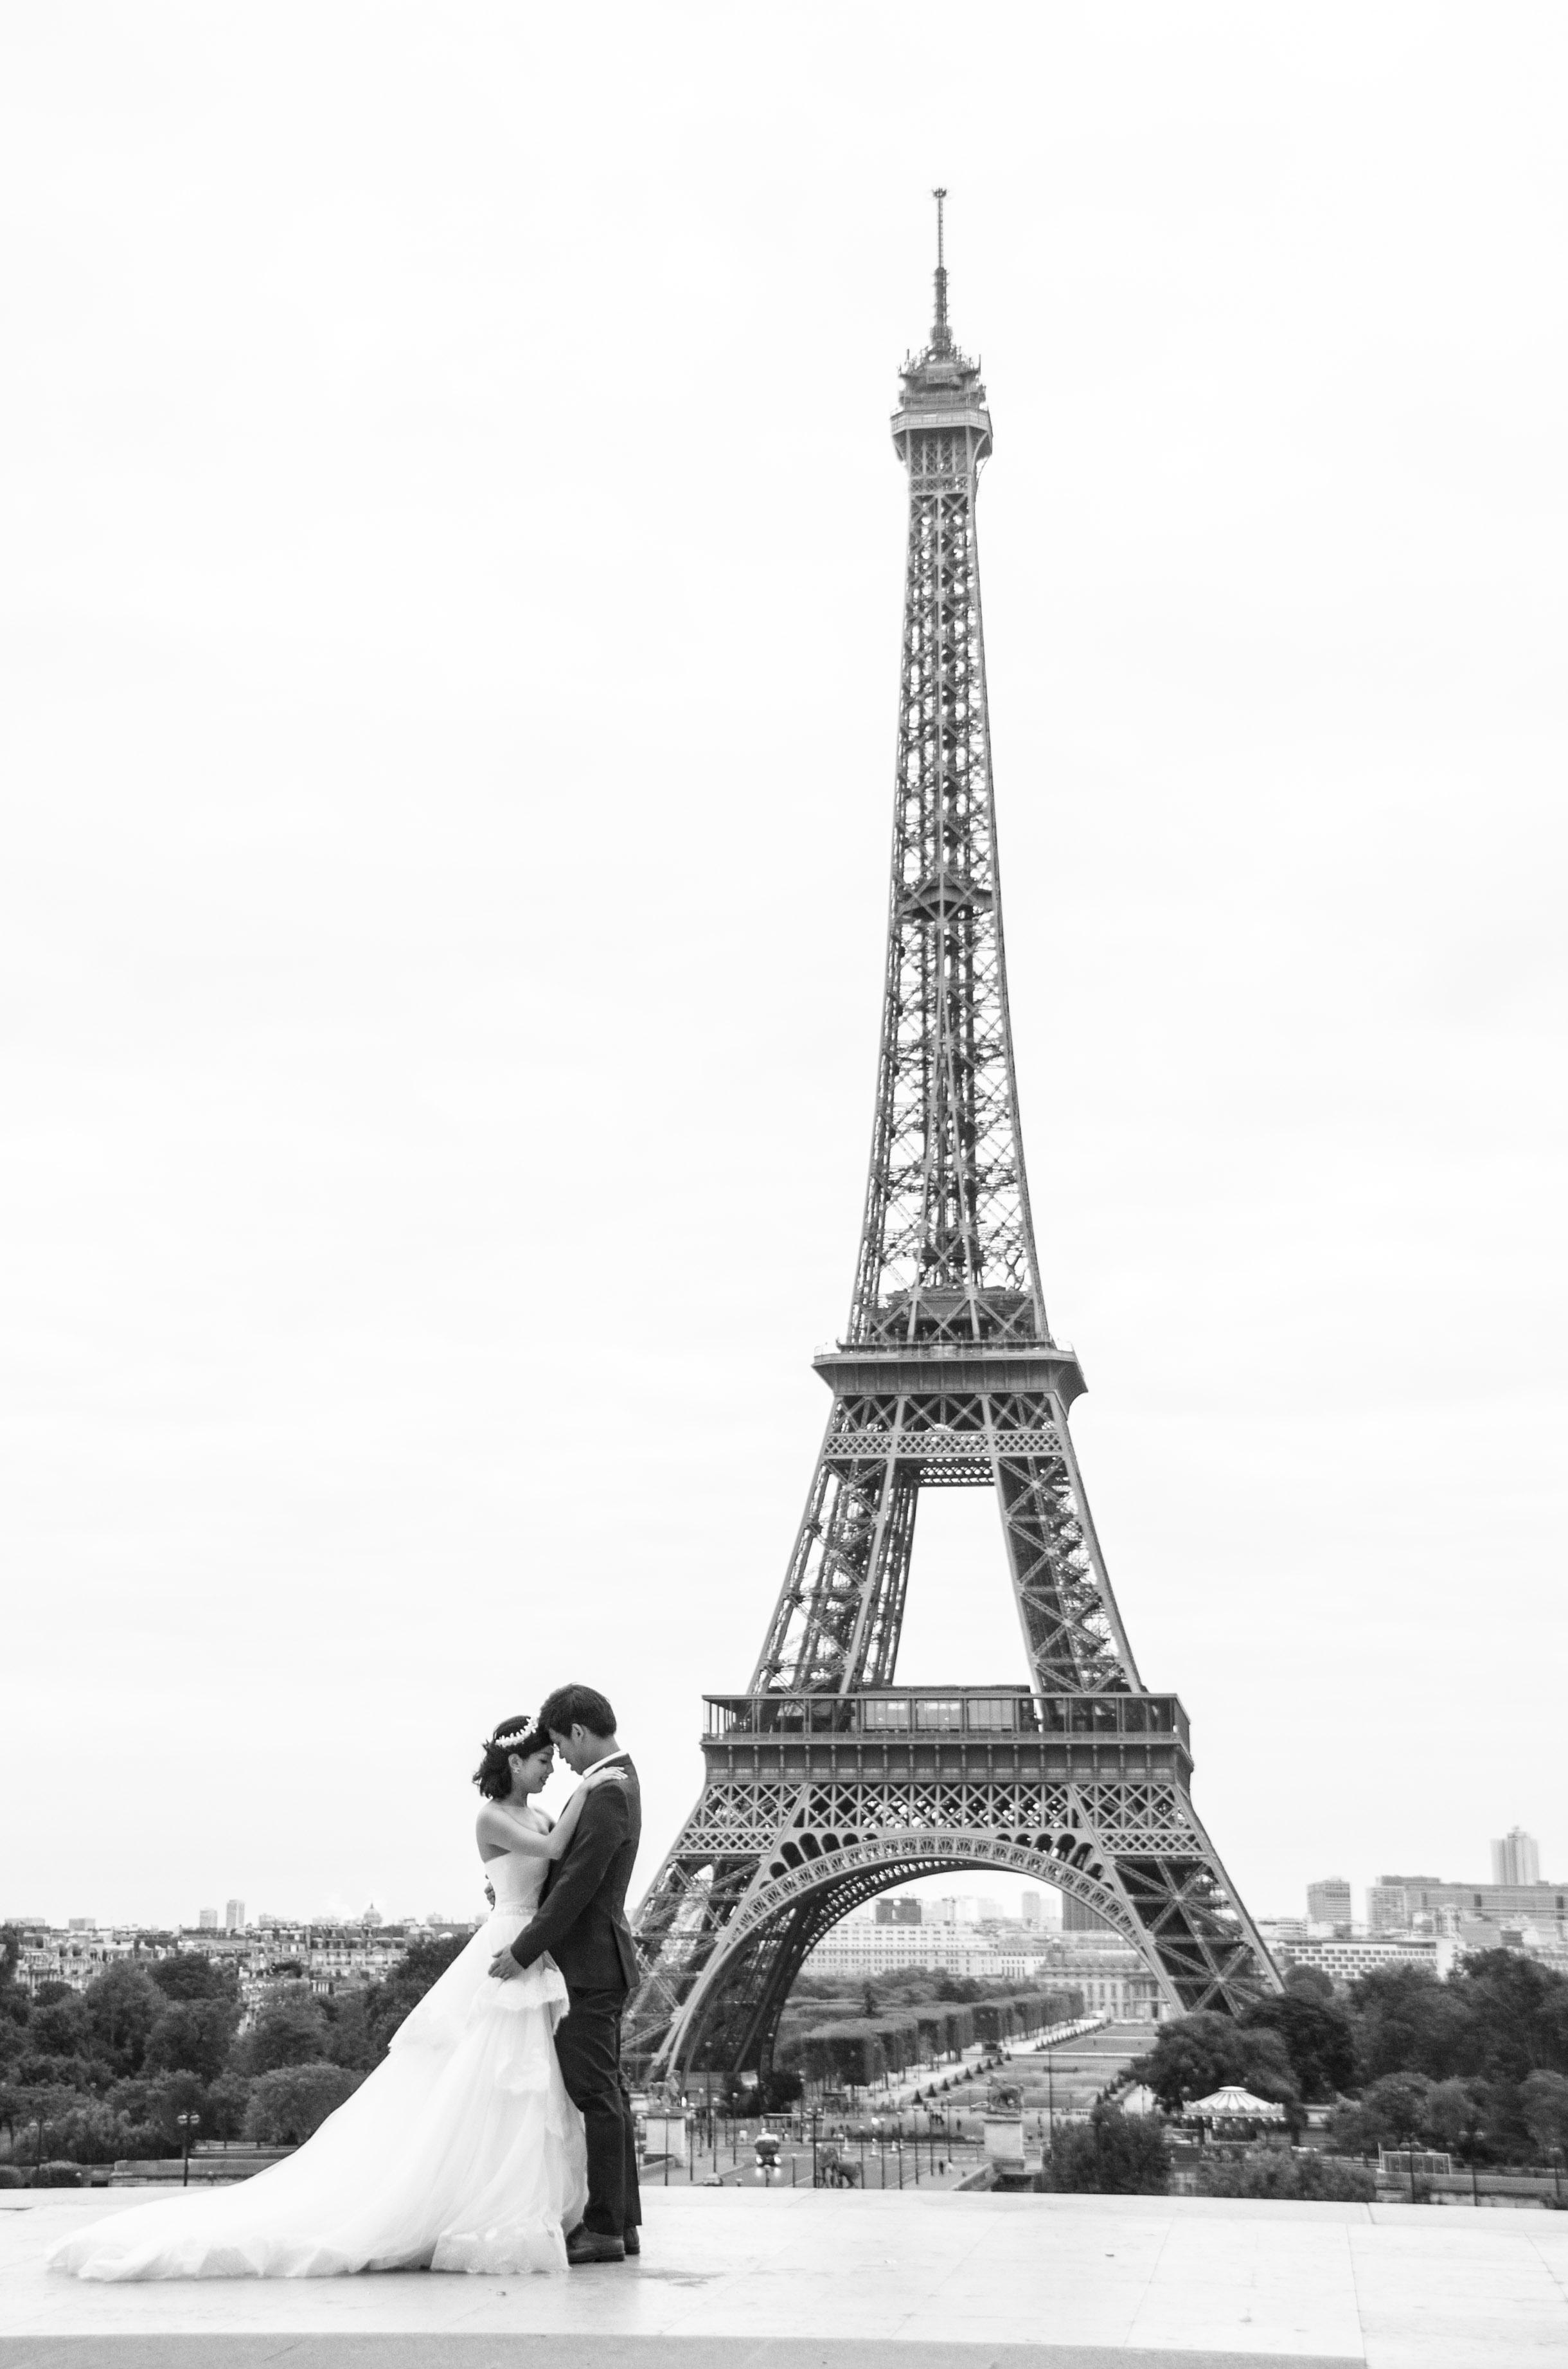 Paris2015-10